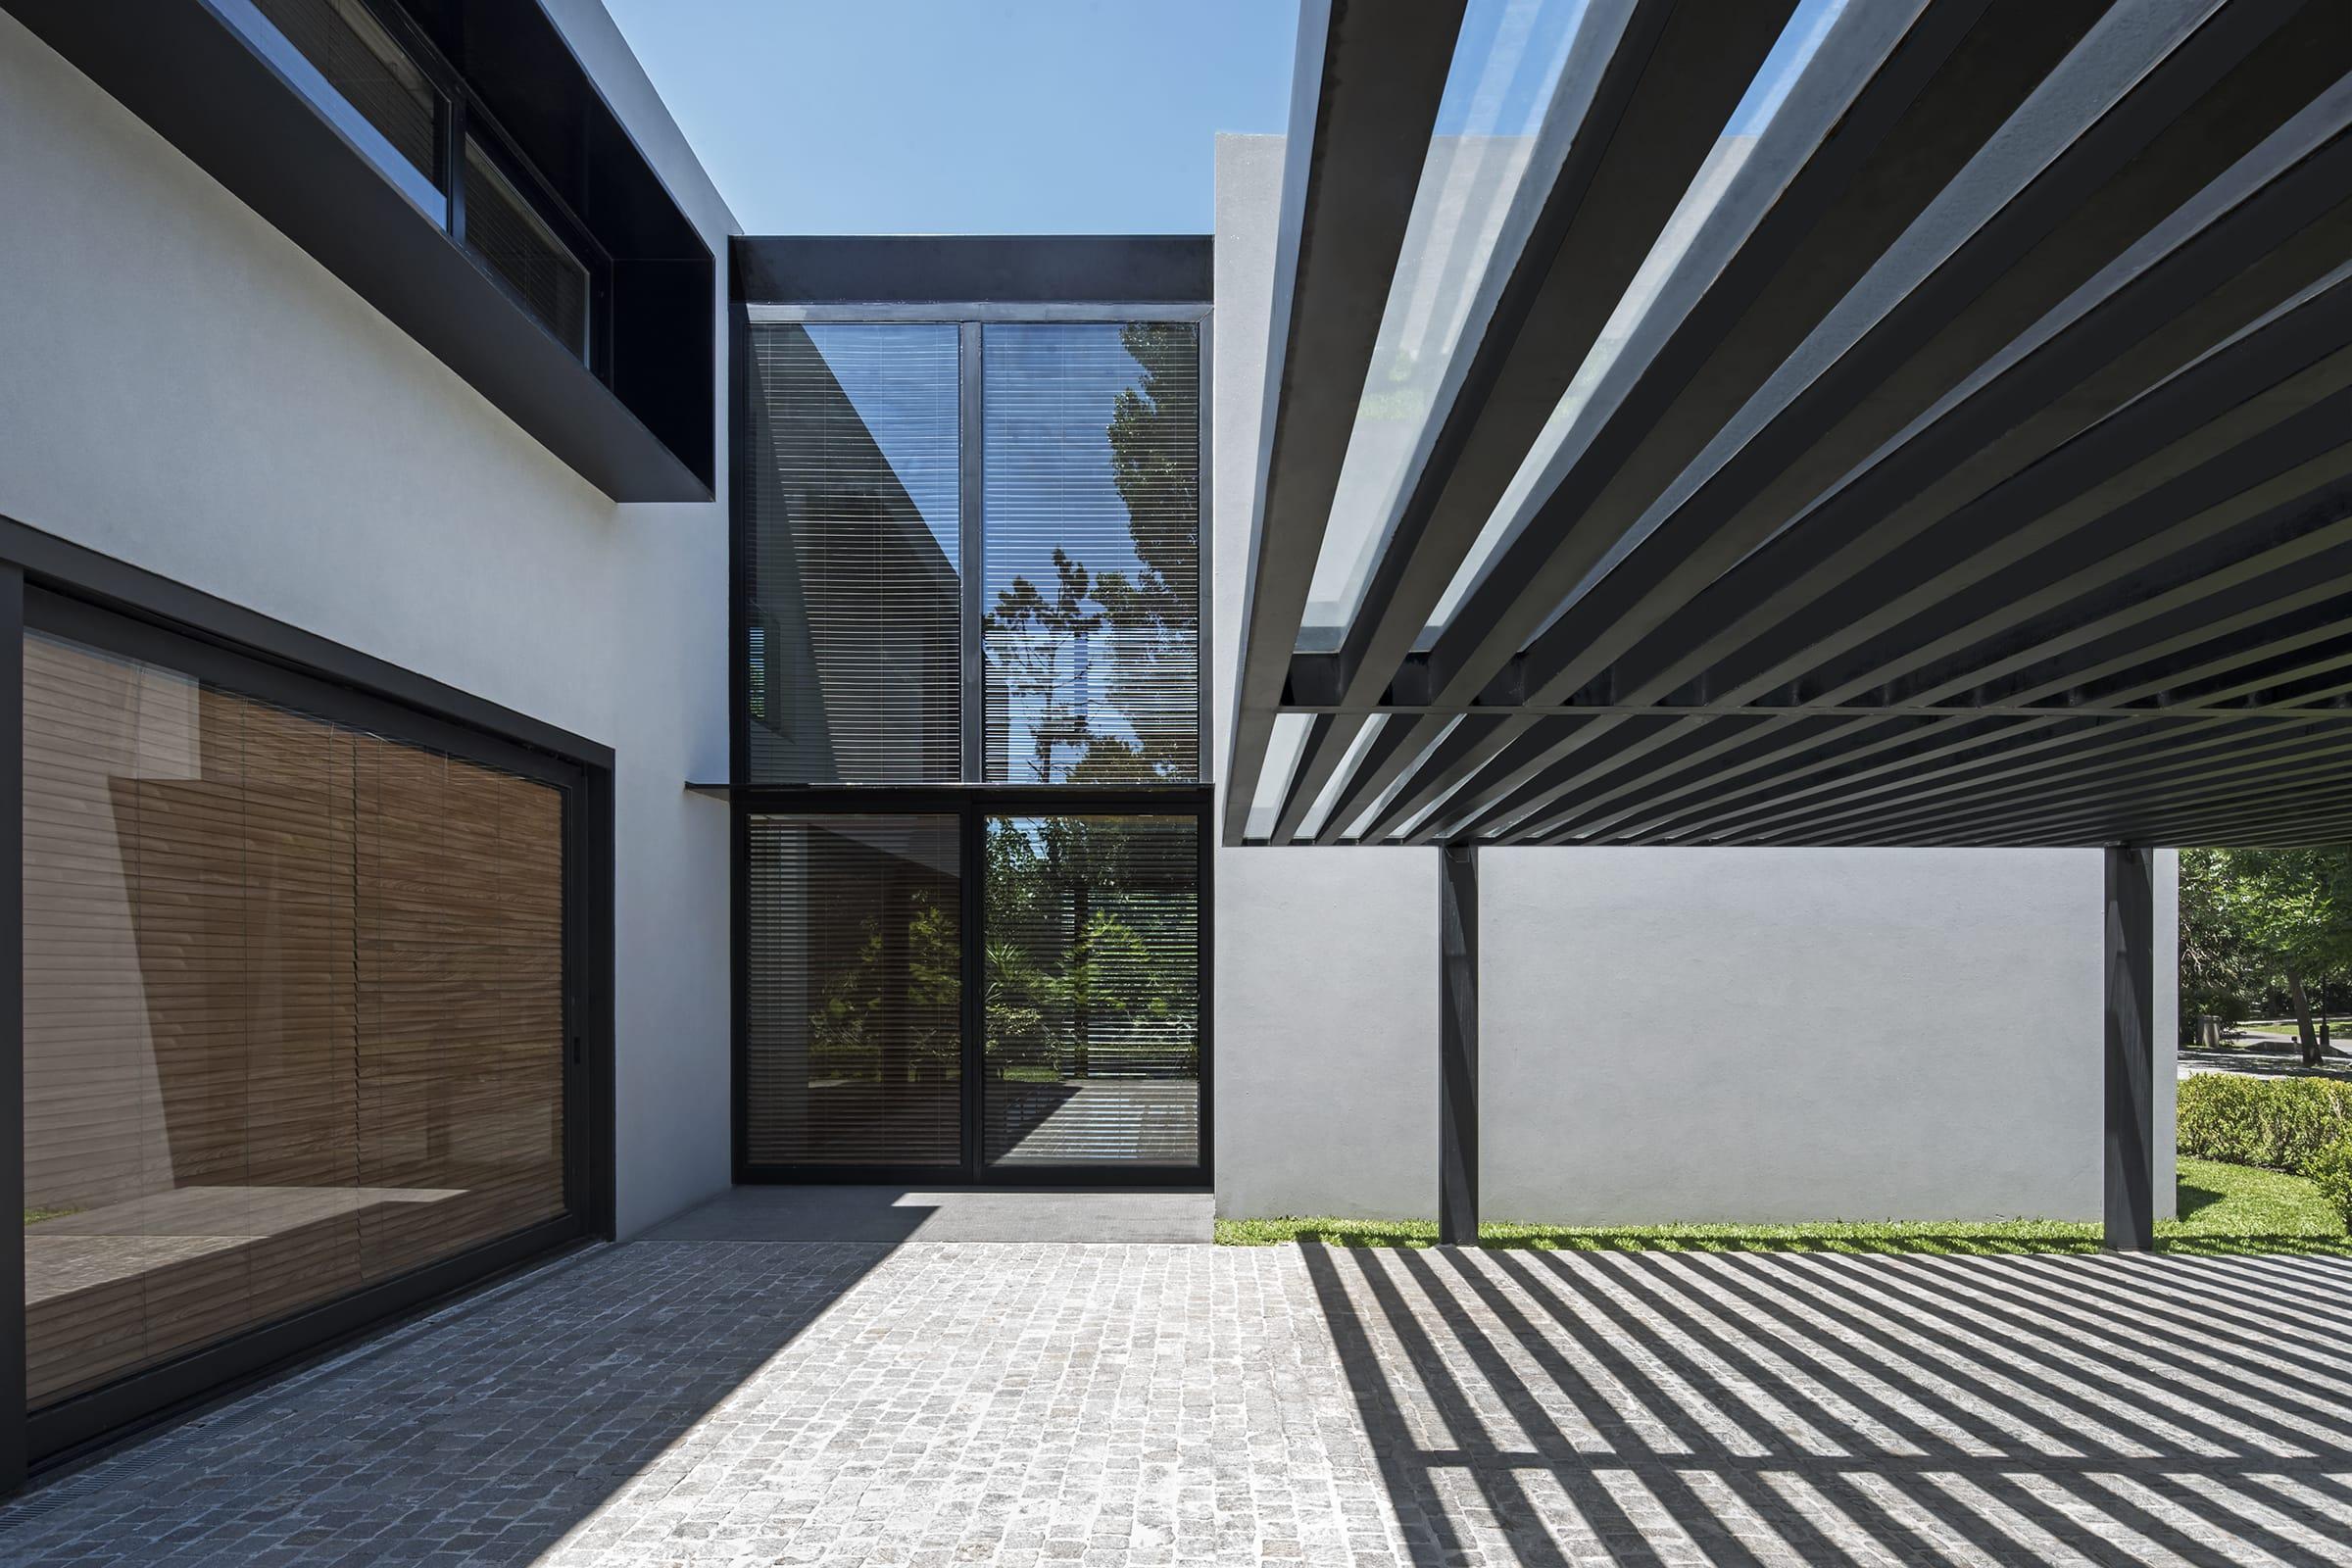 El acceso es un espacio-fuelle que se manifiesta con una estructura metálica y vidrio.